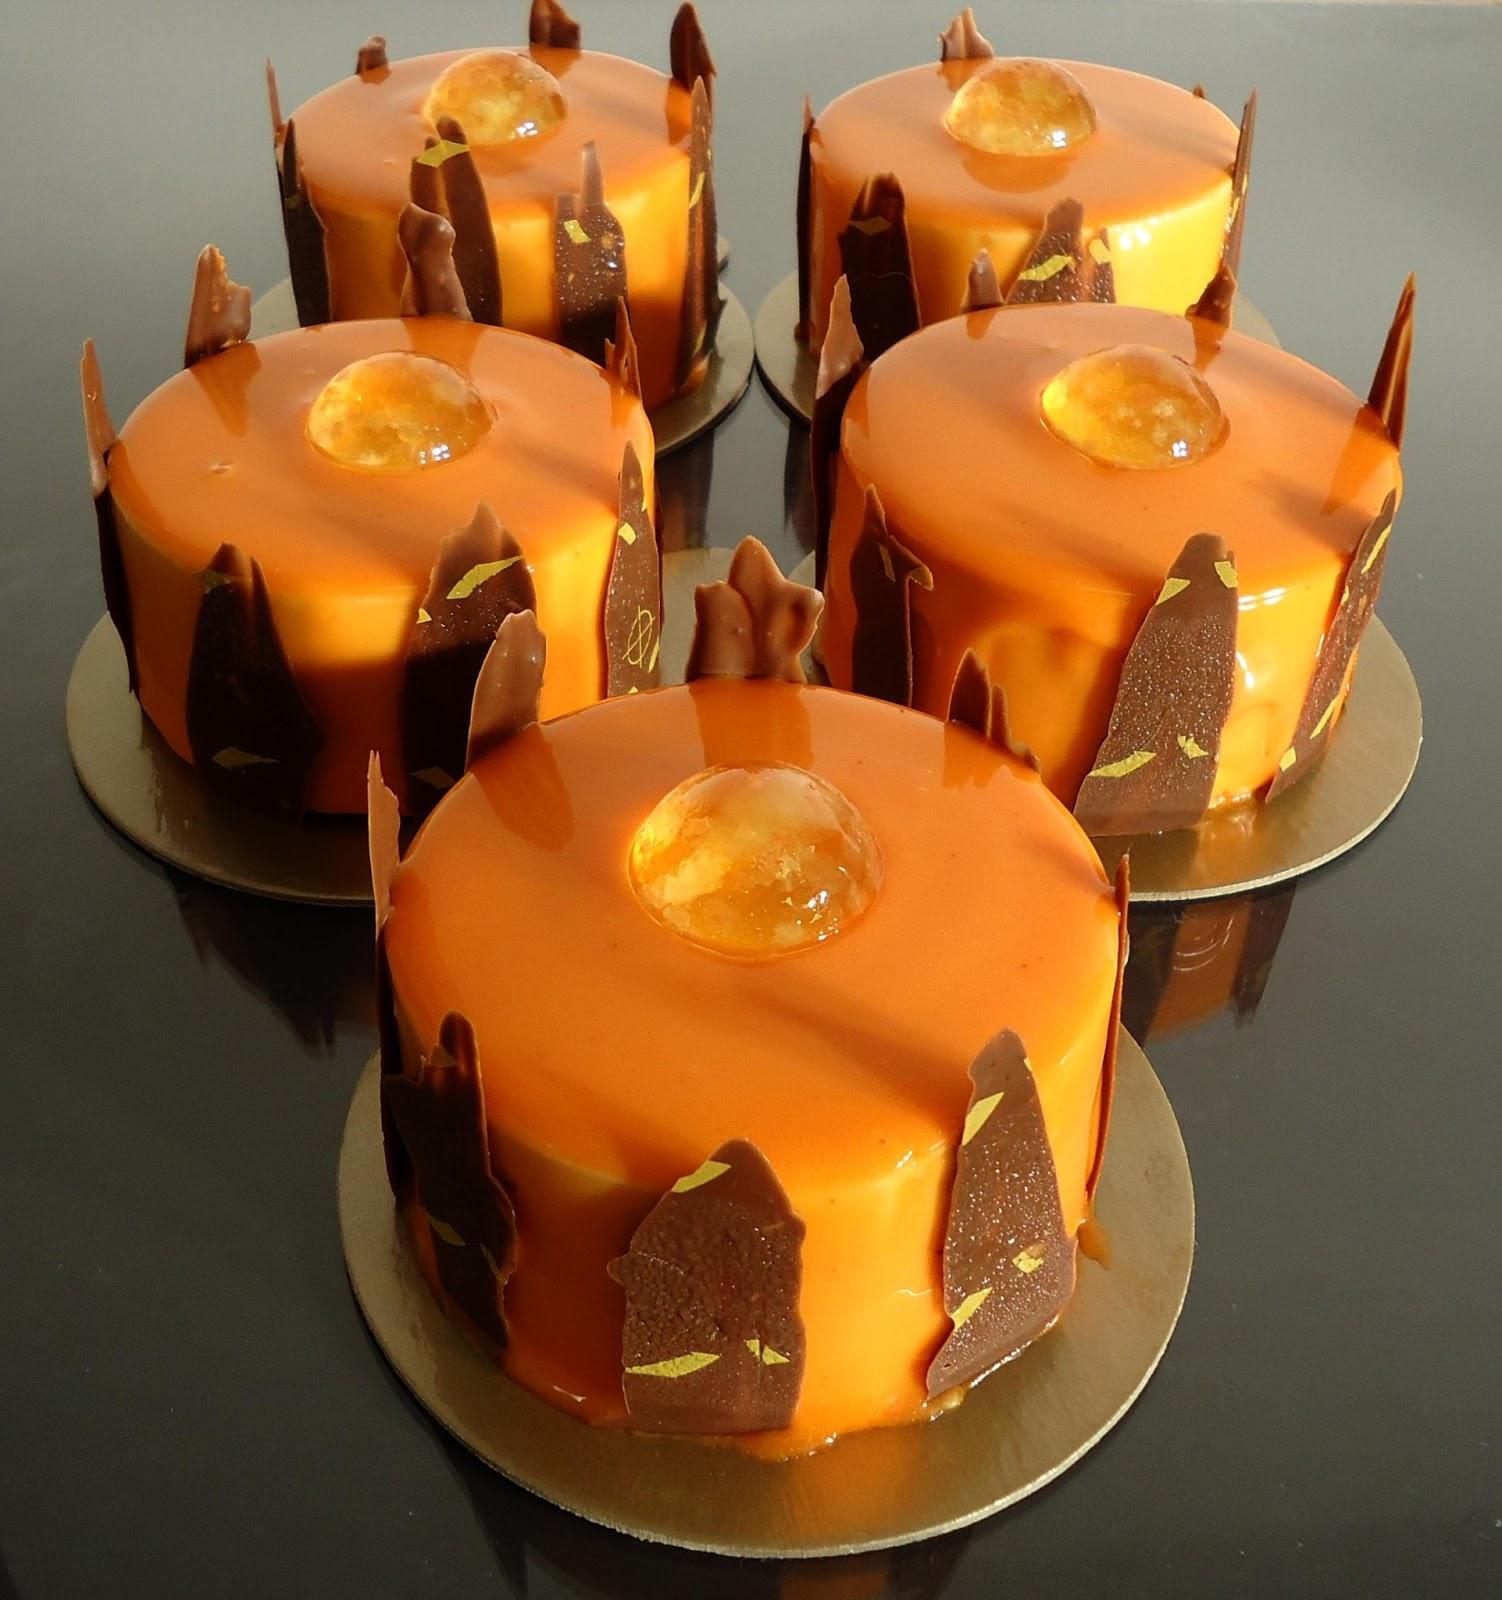 Minicuisine entremets orange caramel et noisettes for Glacage miroir caramel